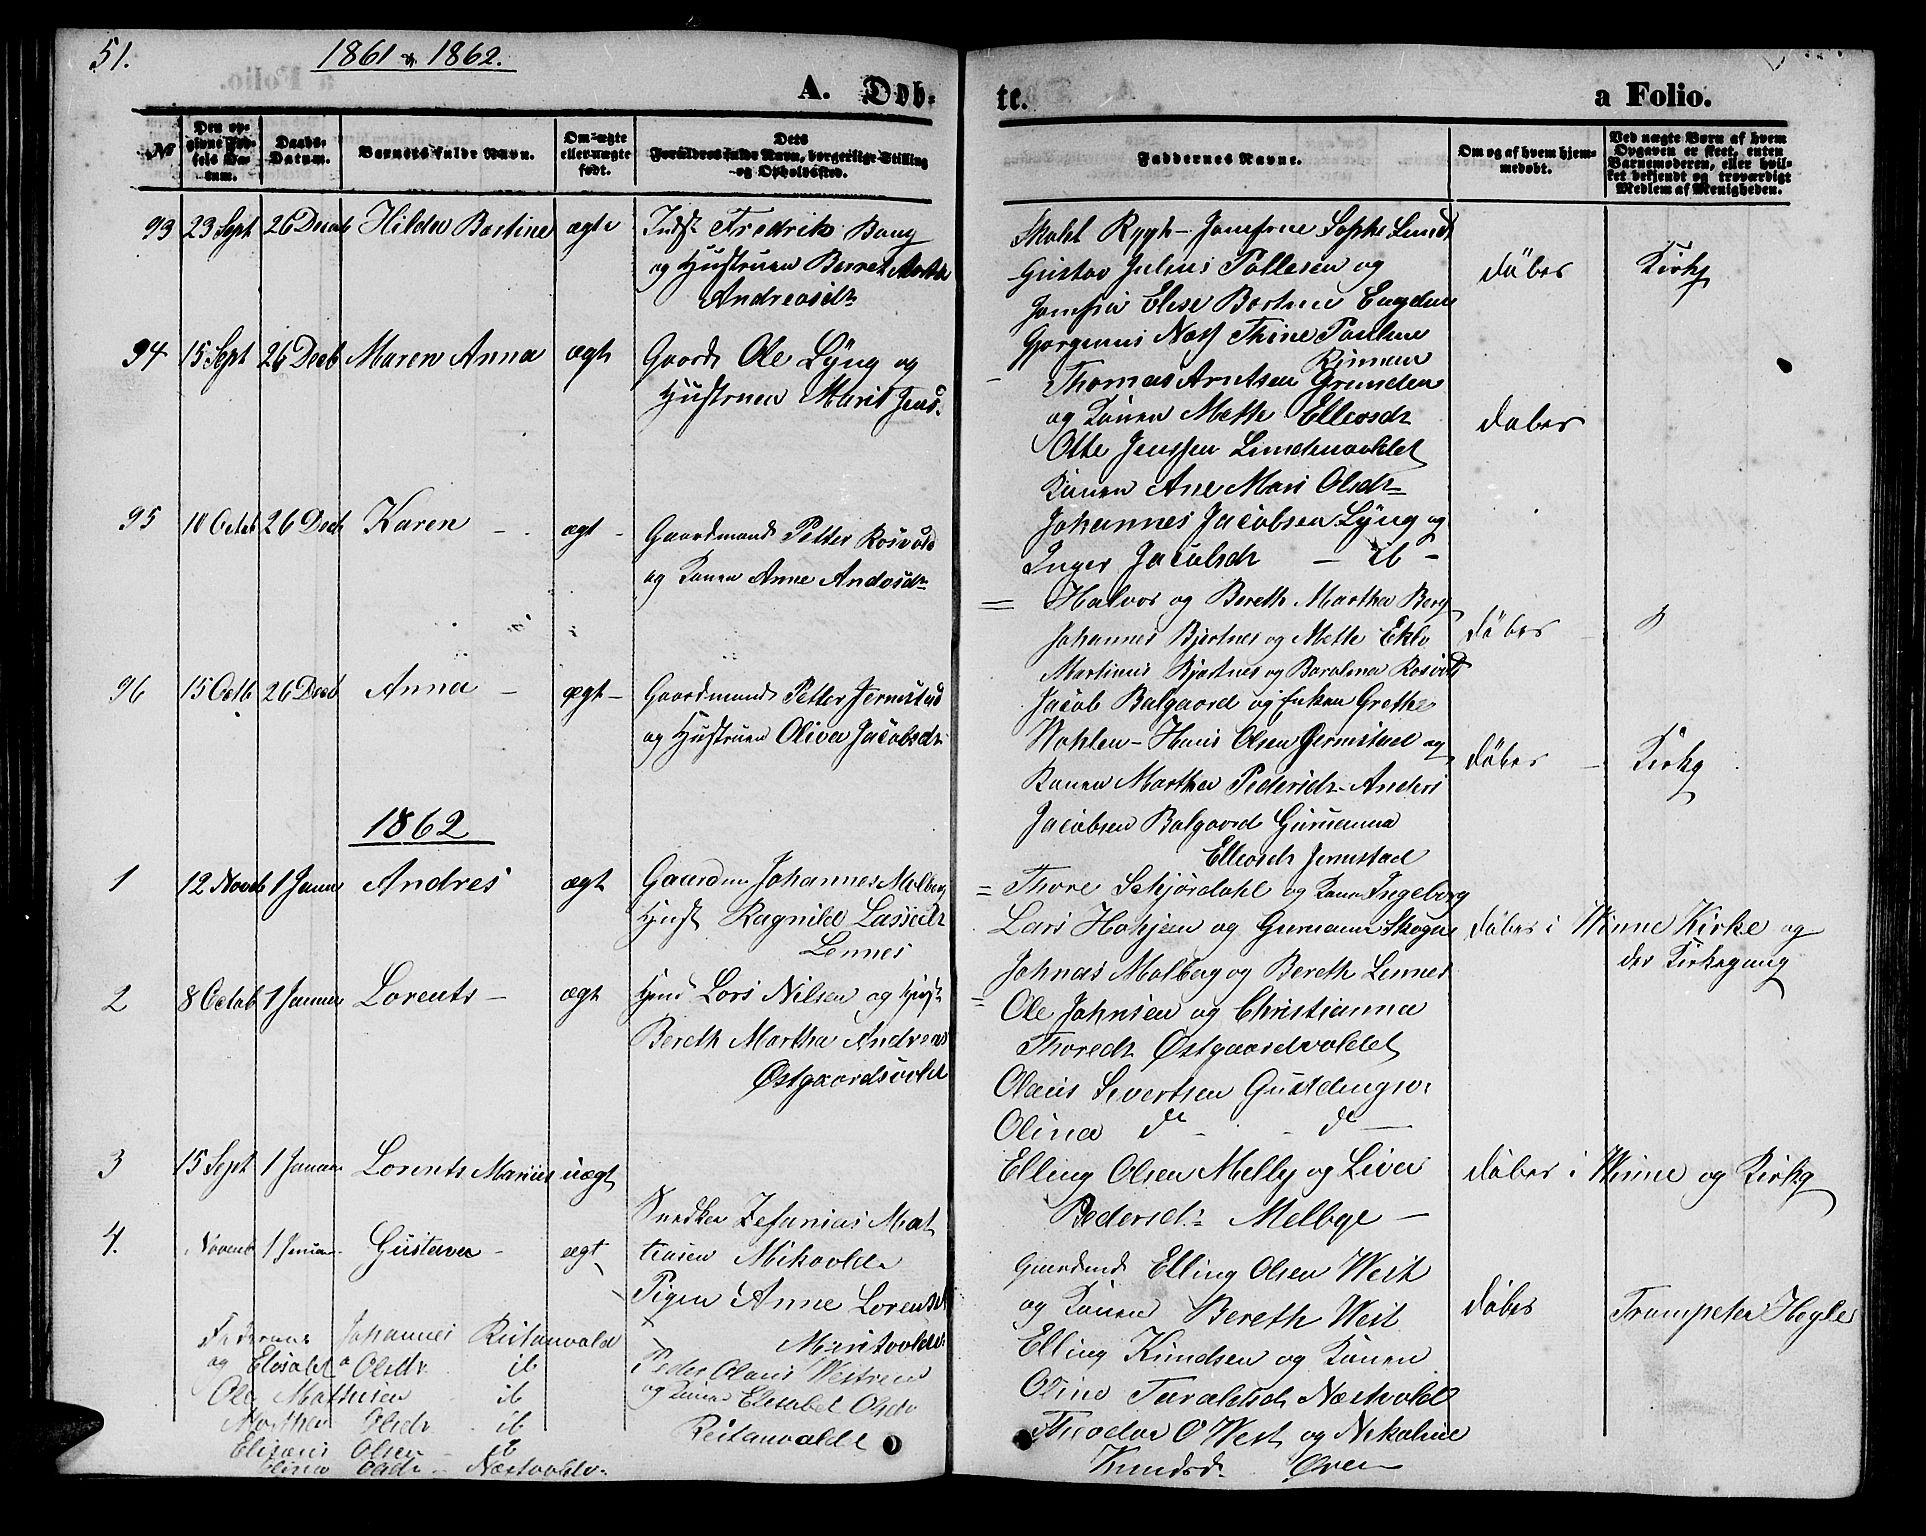 SAT, Ministerialprotokoller, klokkerbøker og fødselsregistre - Nord-Trøndelag, 723/L0254: Klokkerbok nr. 723C02, 1858-1868, s. 51